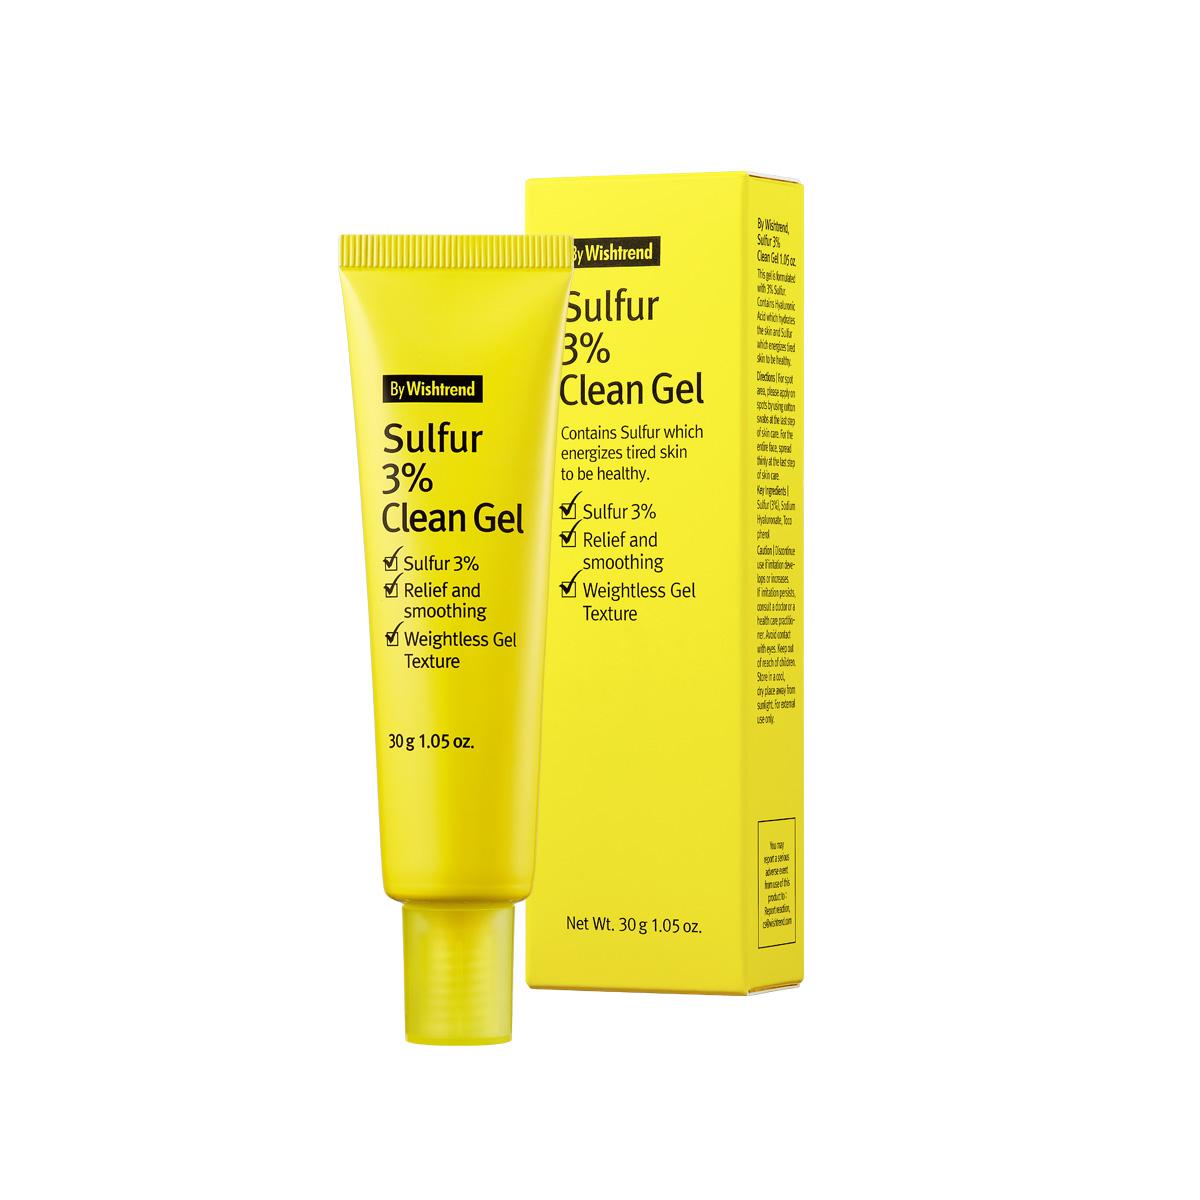 BY WISHTREND Sulfur 3% Clean Gel 30g